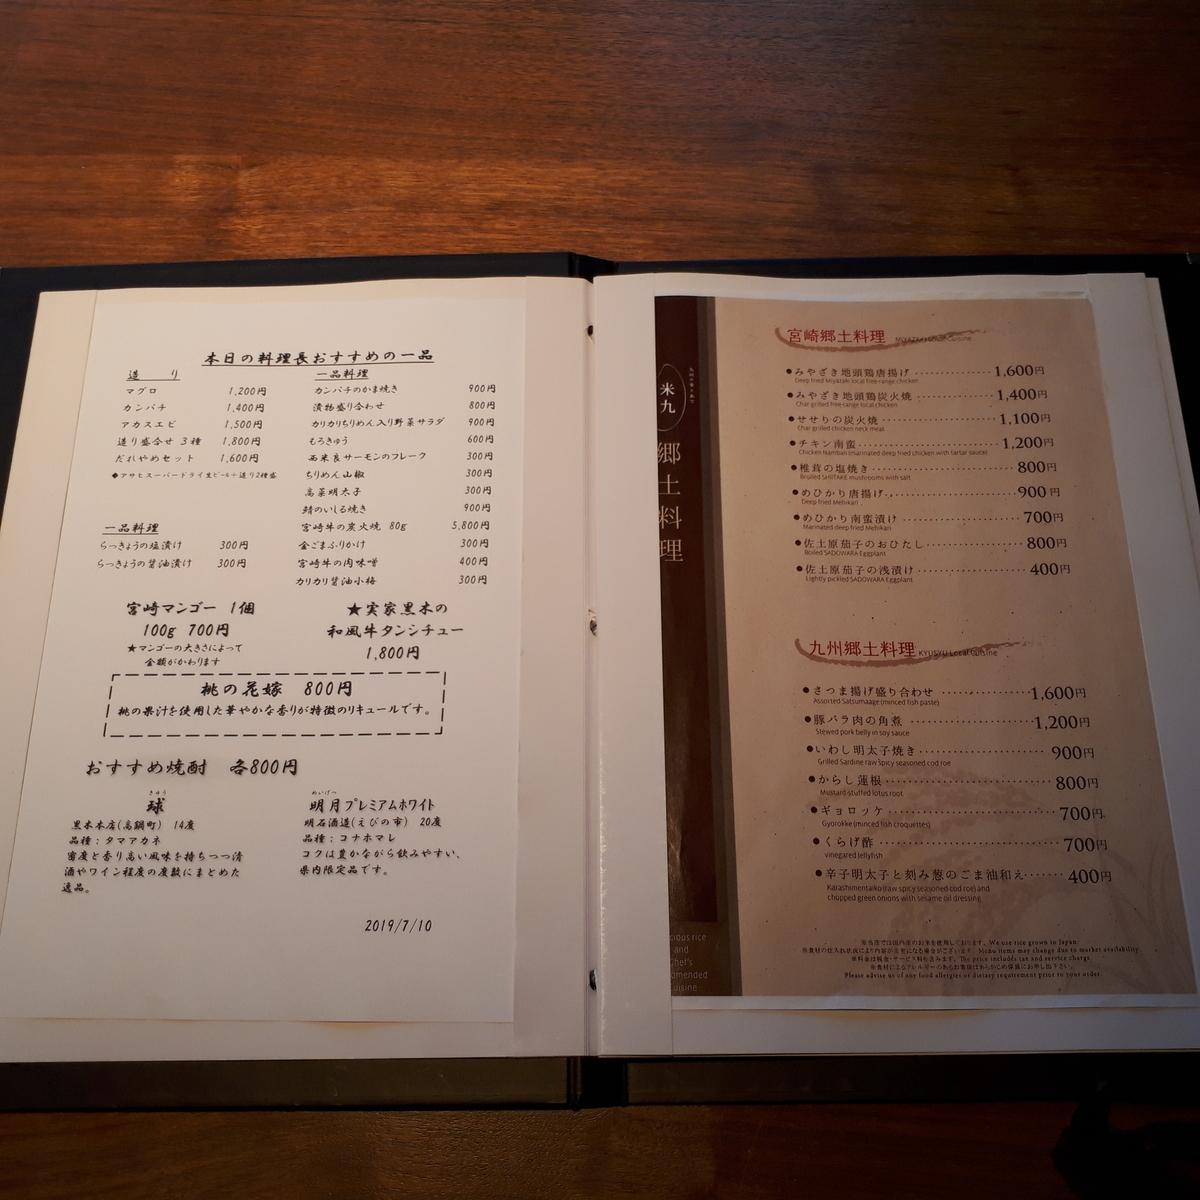 シェラトングランデオーシャンリゾート 米九 メニュー 本日の料理長おすすめの一品 宮崎郷土料理 九州郷土料理